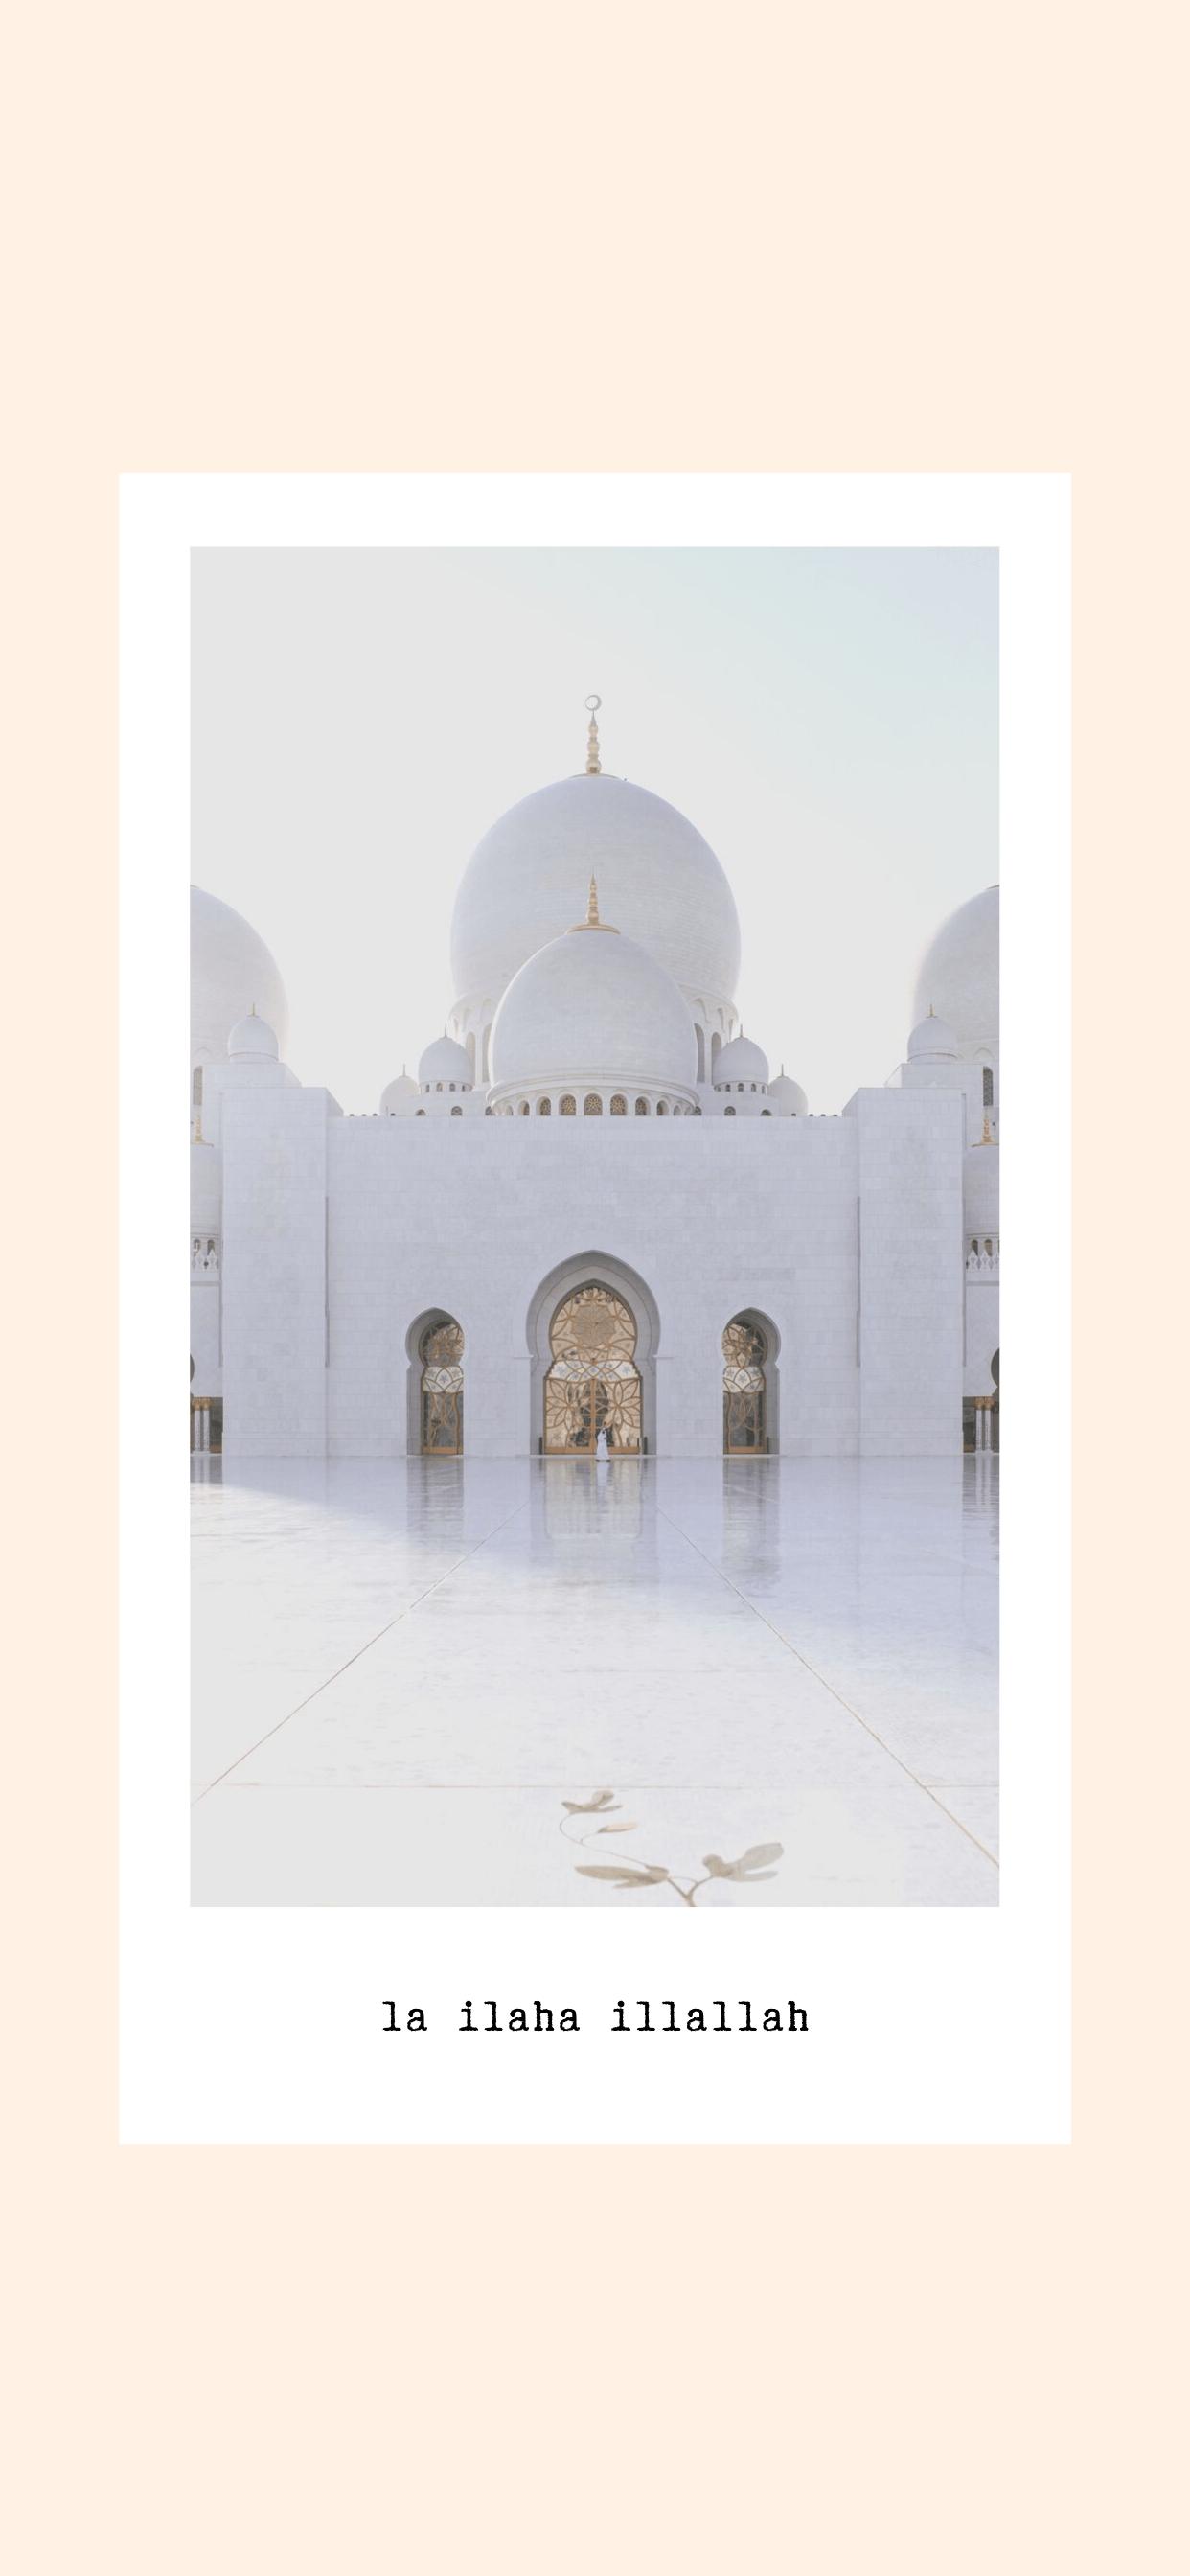 12 Iman Boosting islamitische telefoon wallpapers om